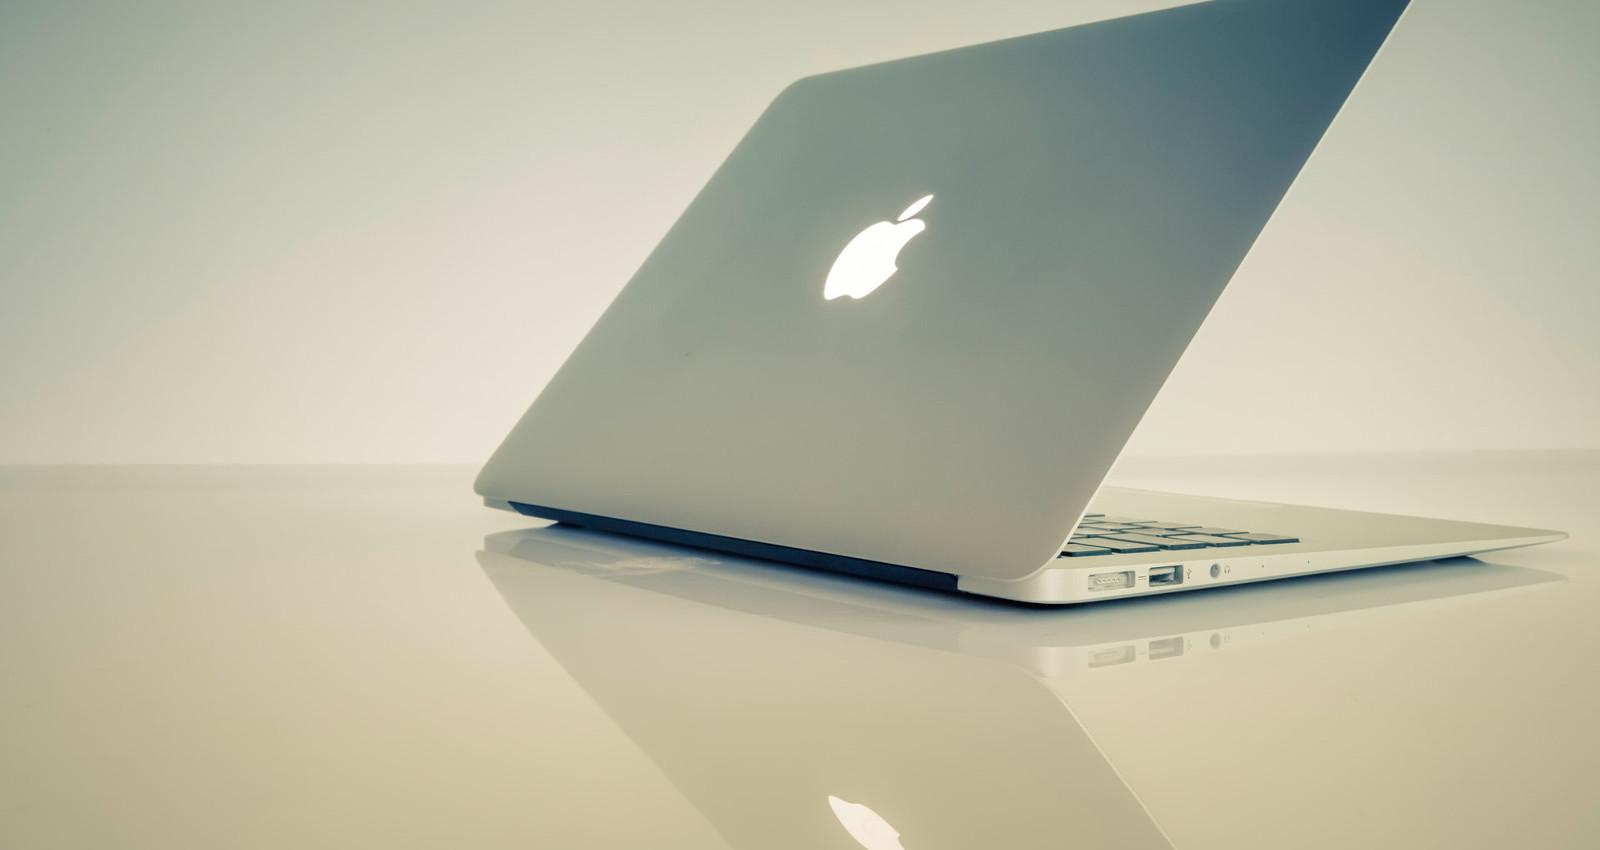 macOS Malware erkennen und an Apple melden